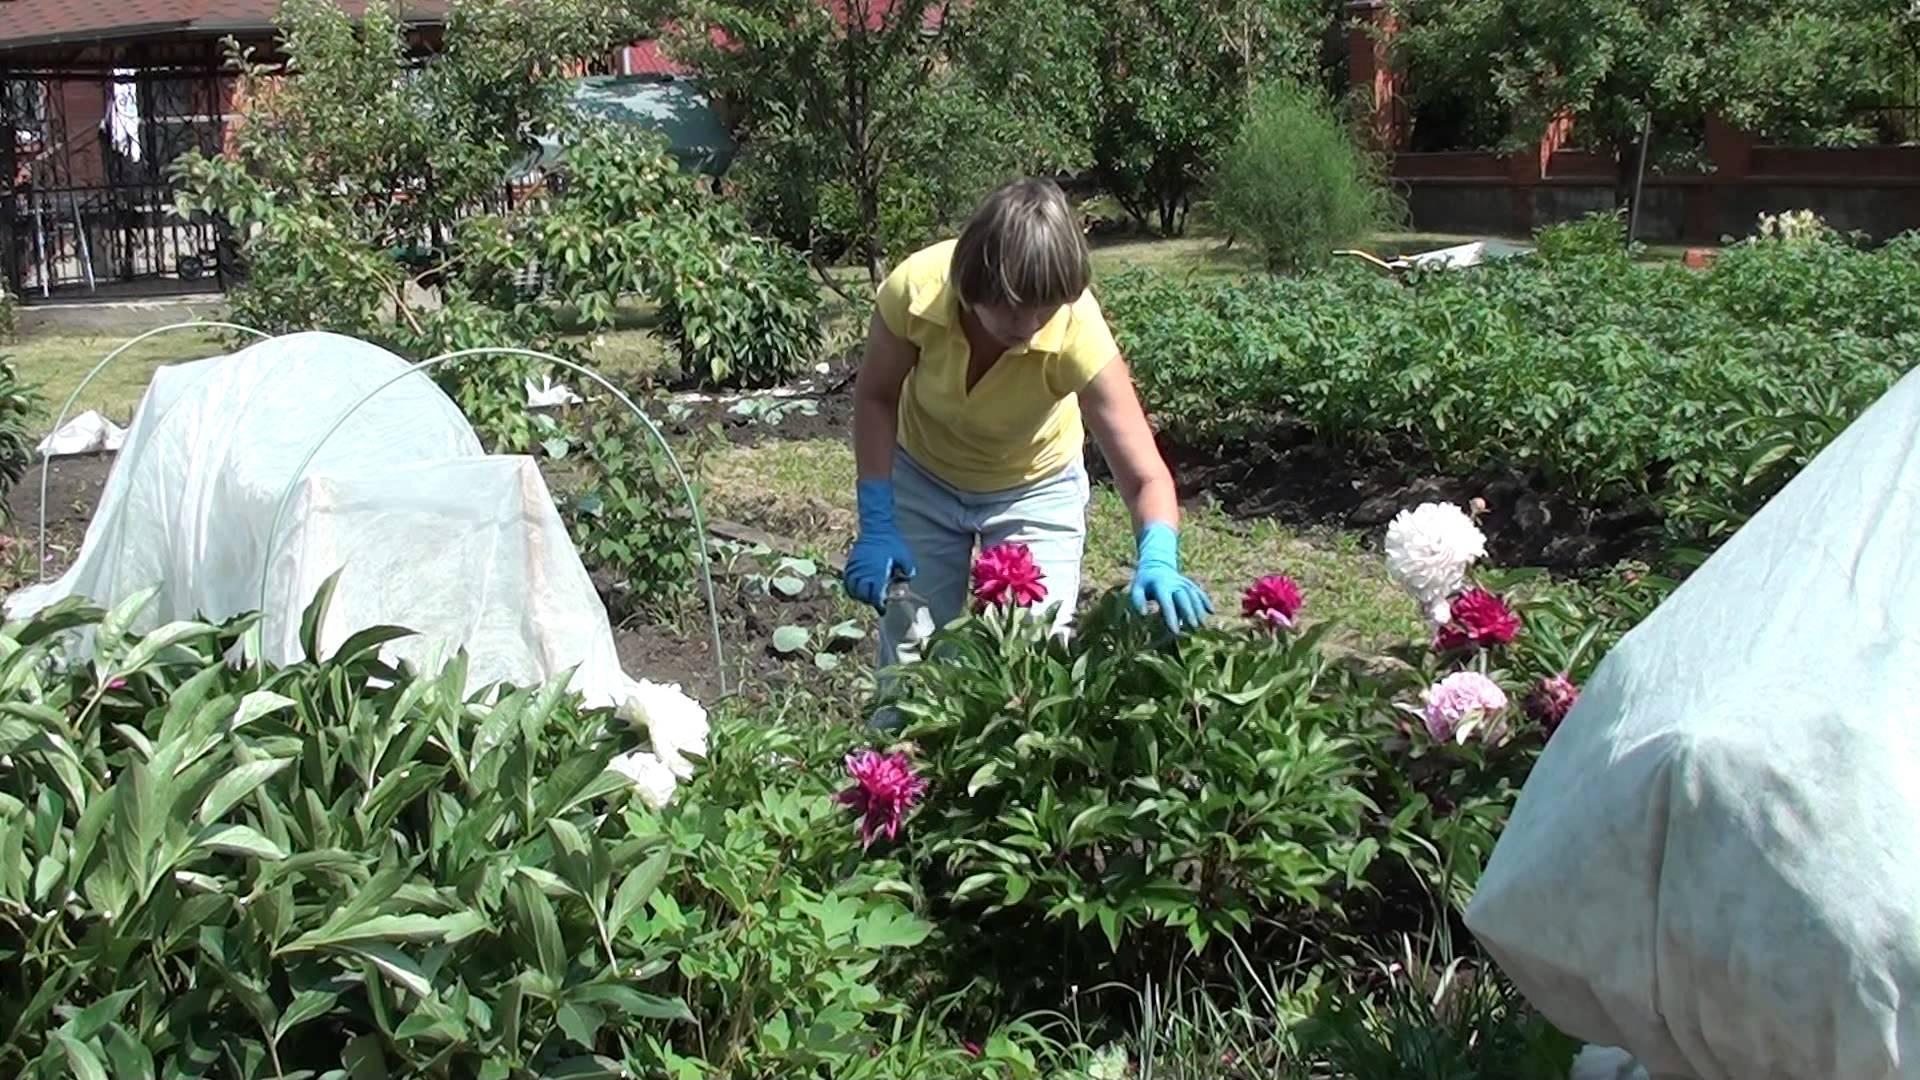 Посадка георгинов клубнями весной - подготовка, проращивание, высаживание